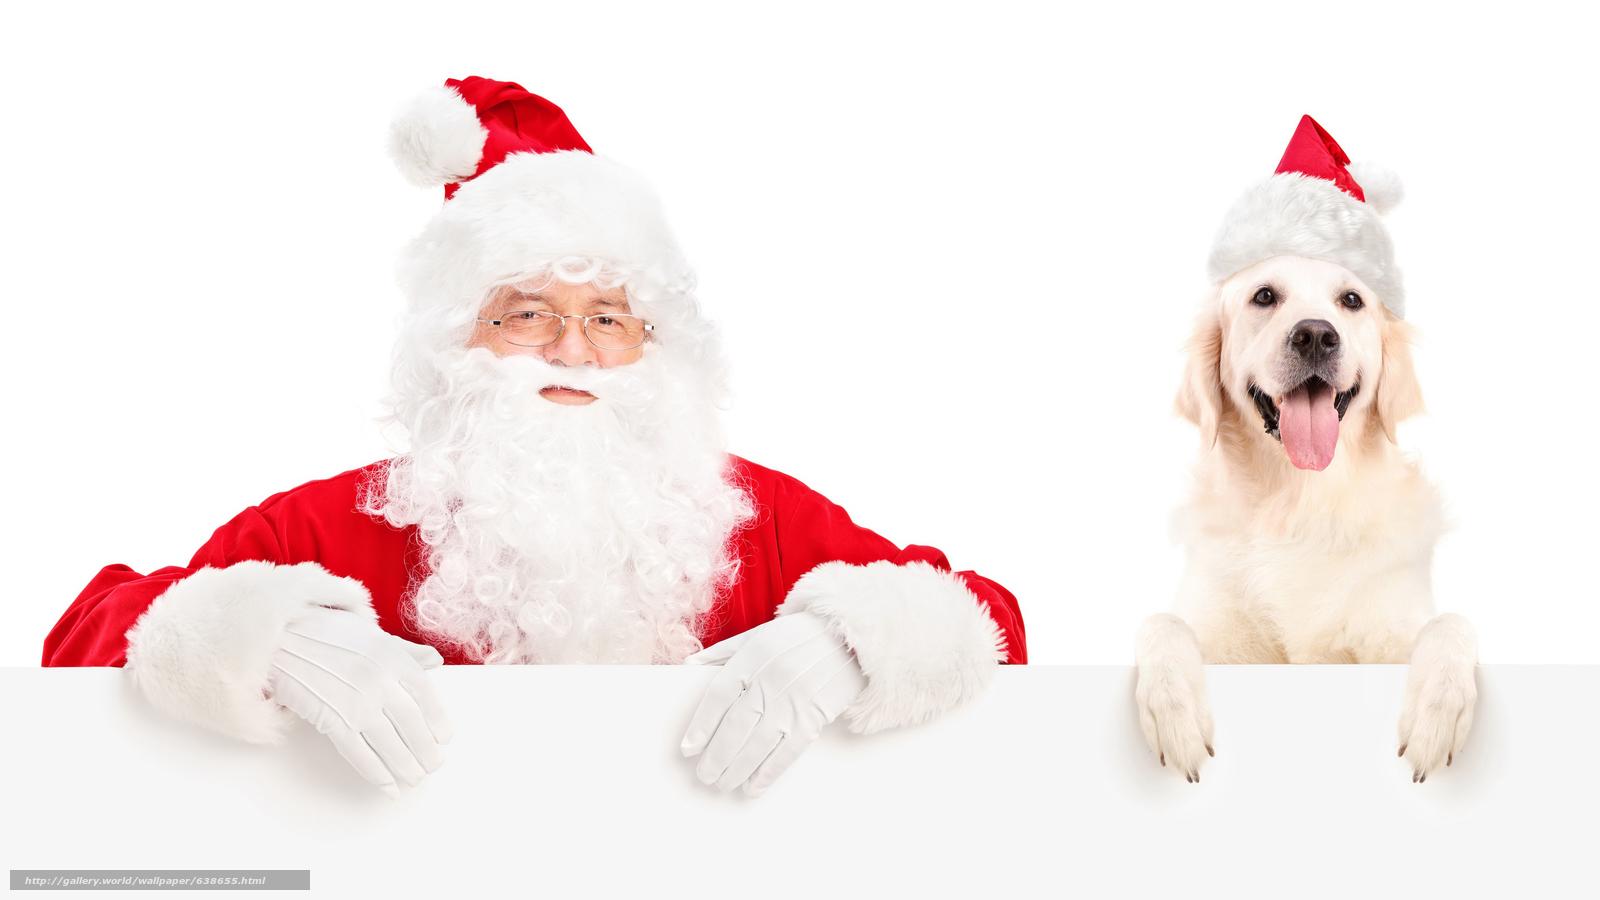 下载壁纸 圣诞老人,  圣诞老人,  狗,  新年 免费为您的桌面分辨率的壁纸 5500x3094 — 图片 №638655